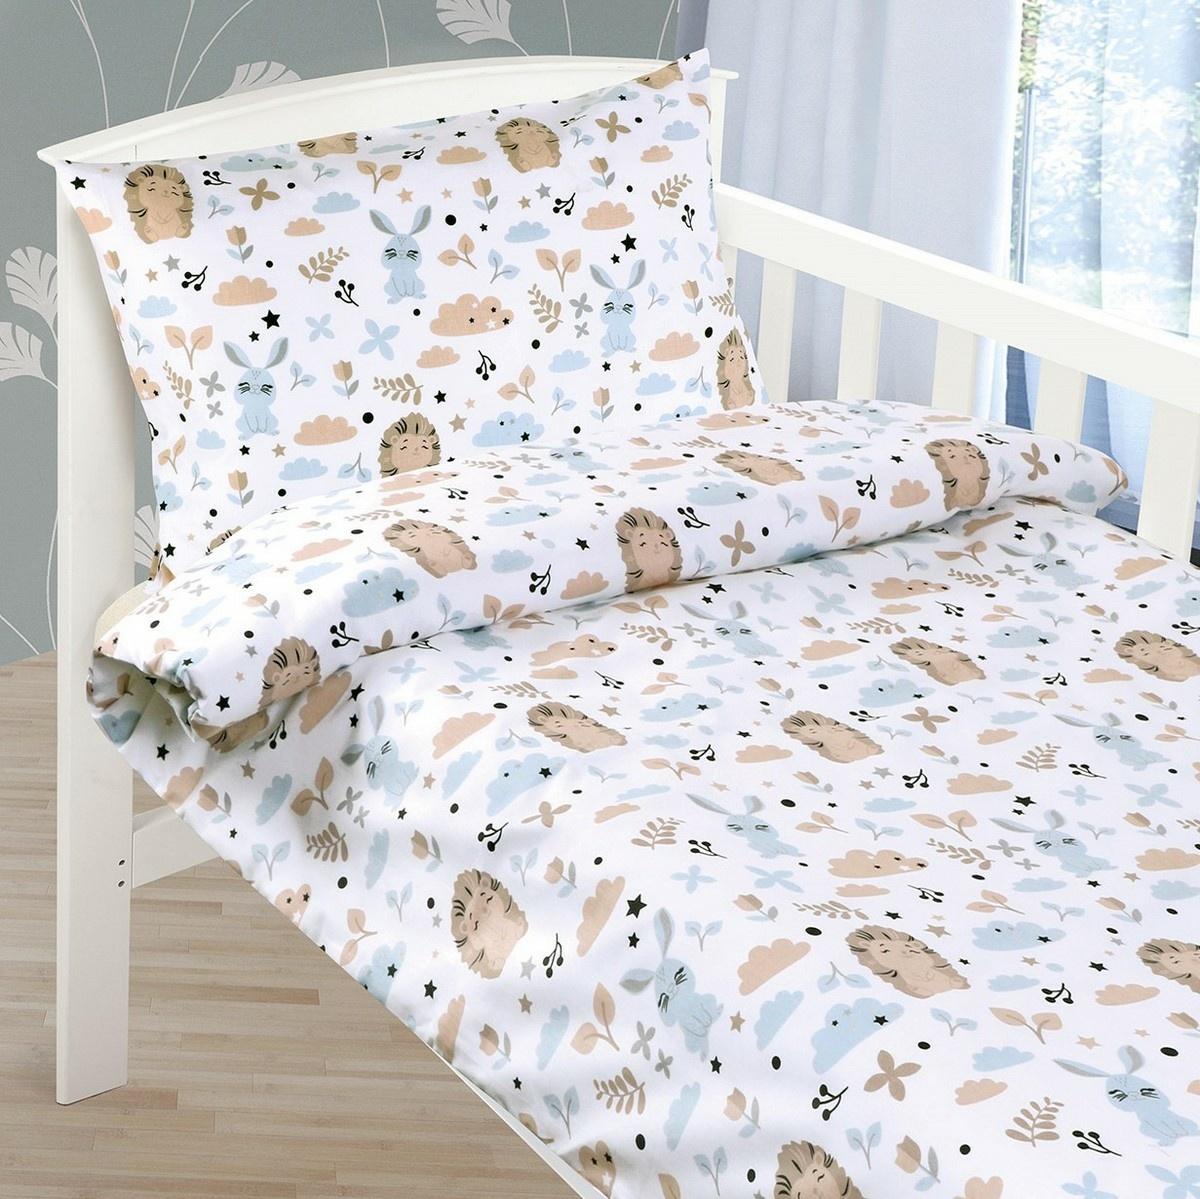 Bellatex Detské bavlnené obliečky do postieľky Ježko, 90 x 135 cm, 45 x 60 cm